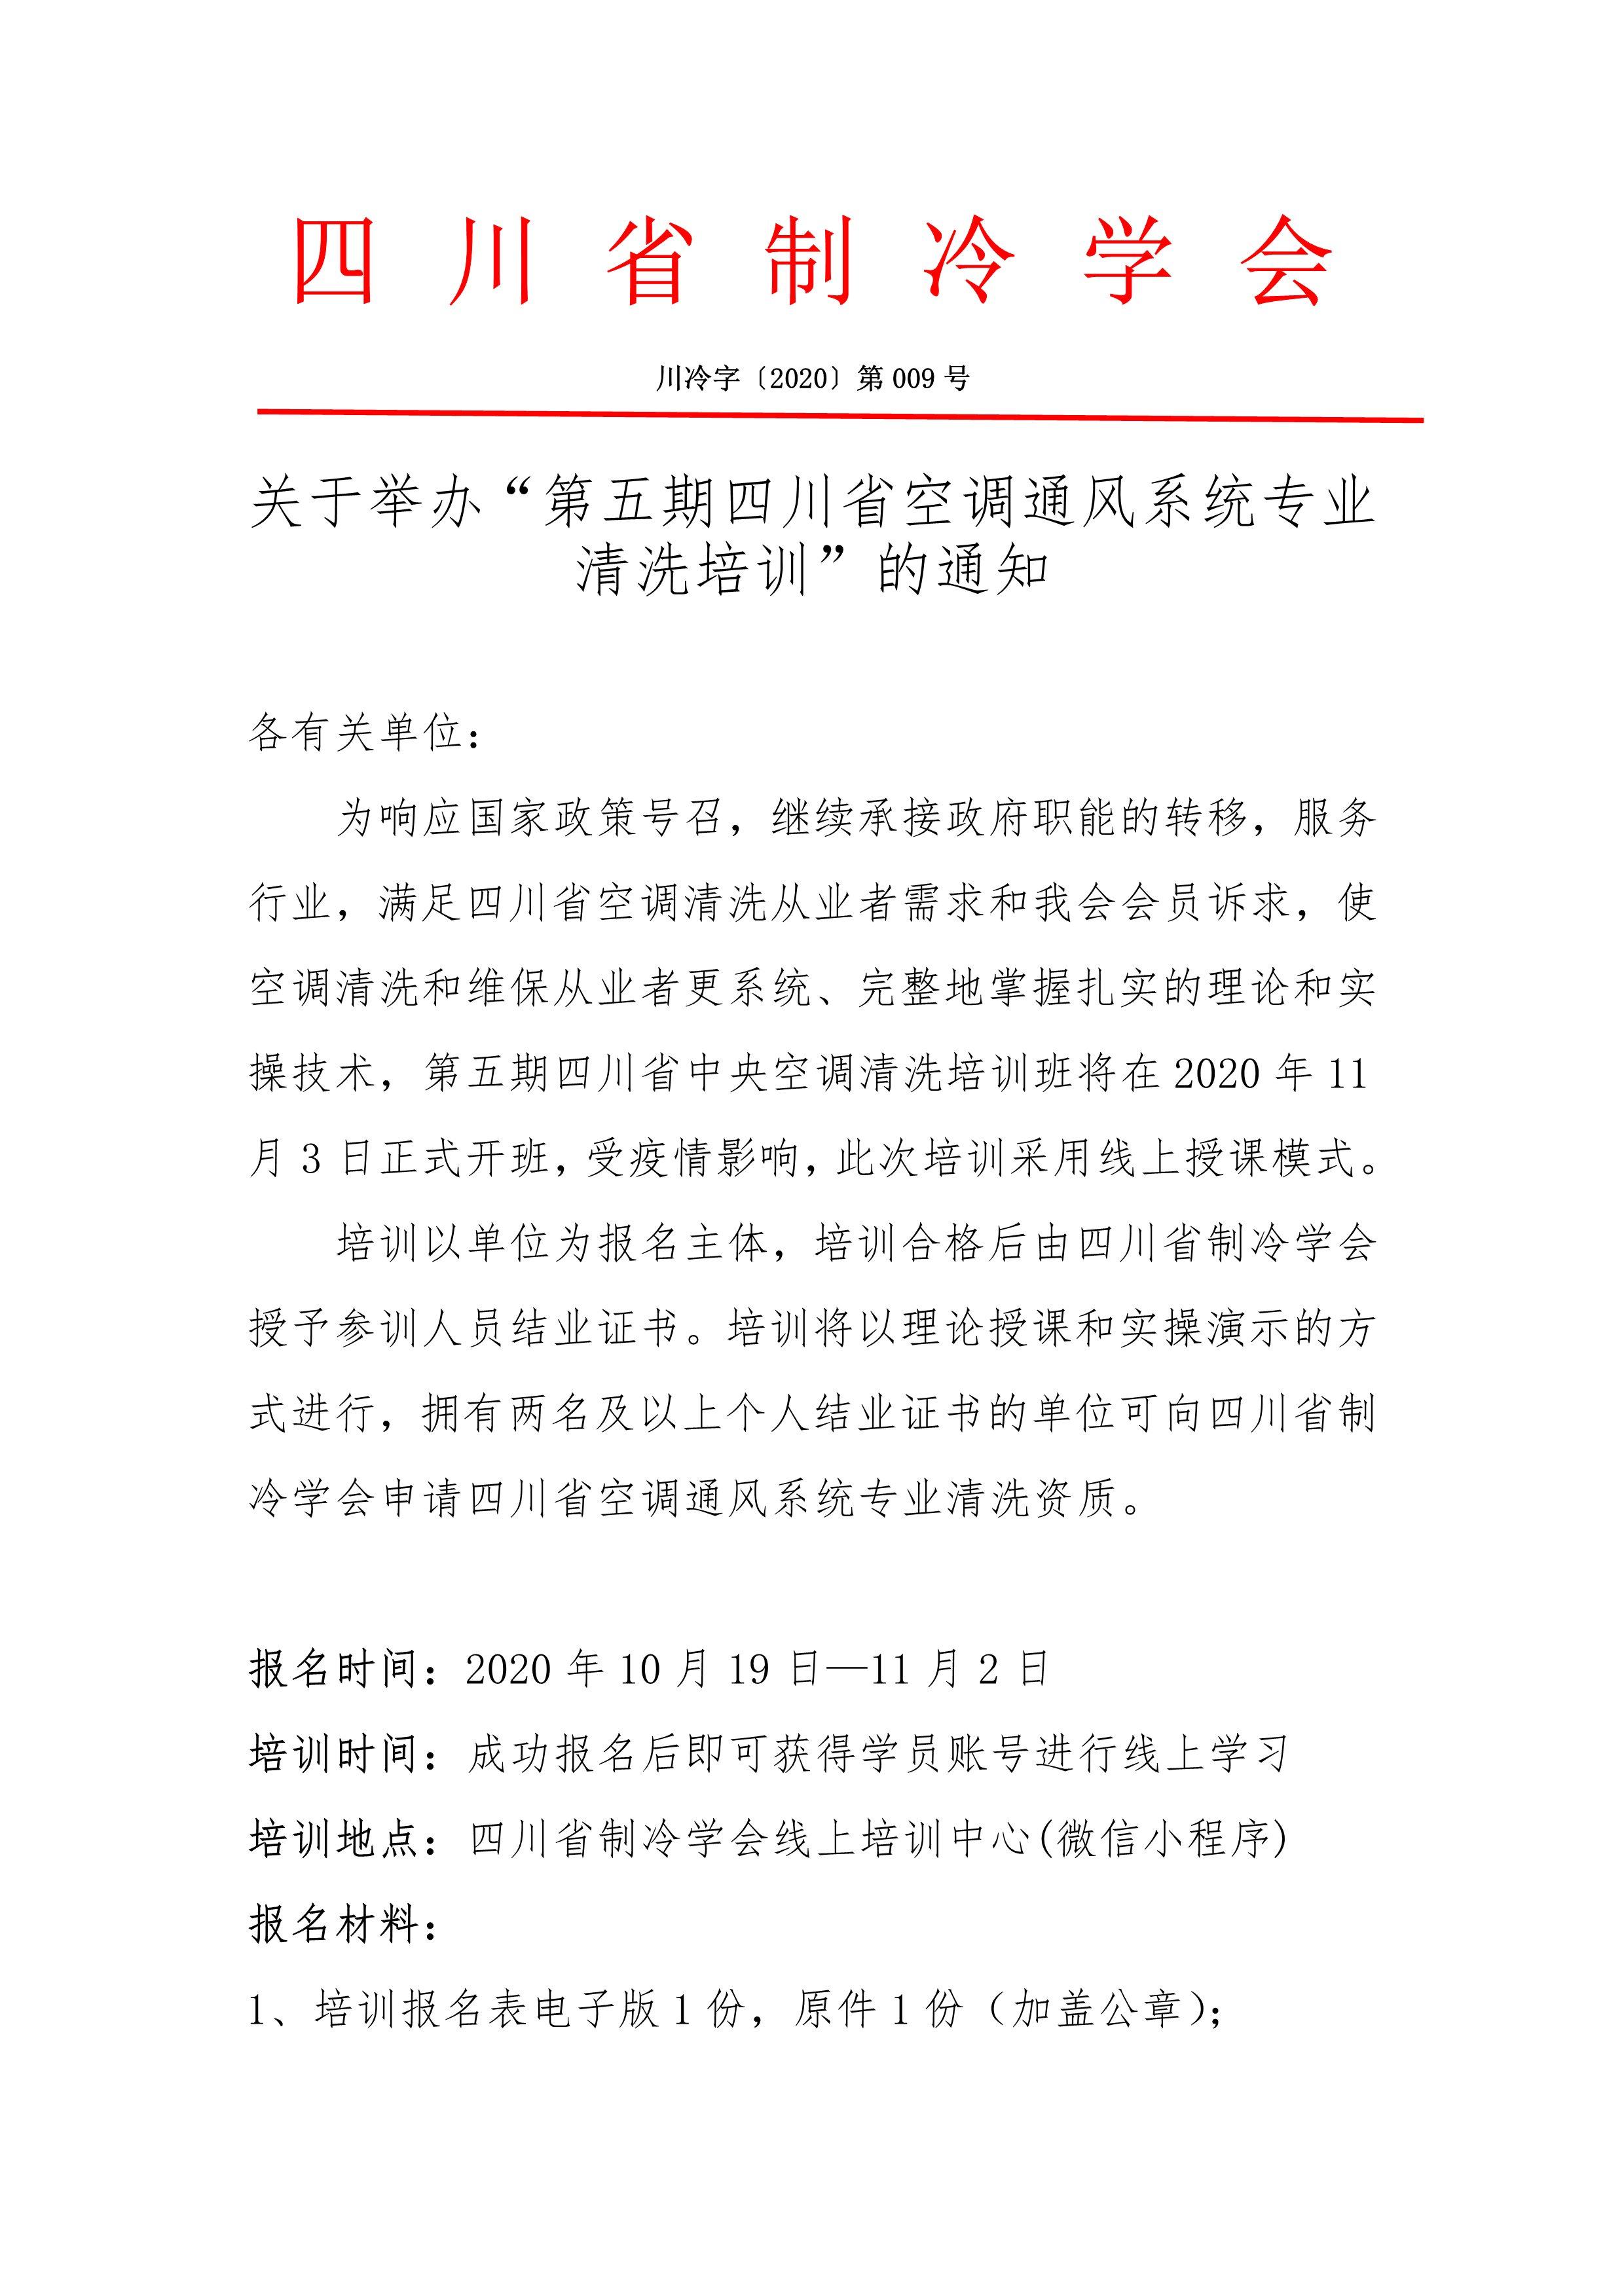 """关于举办""""第五期四川省空调通风系统专业清洗培训""""的通知"""